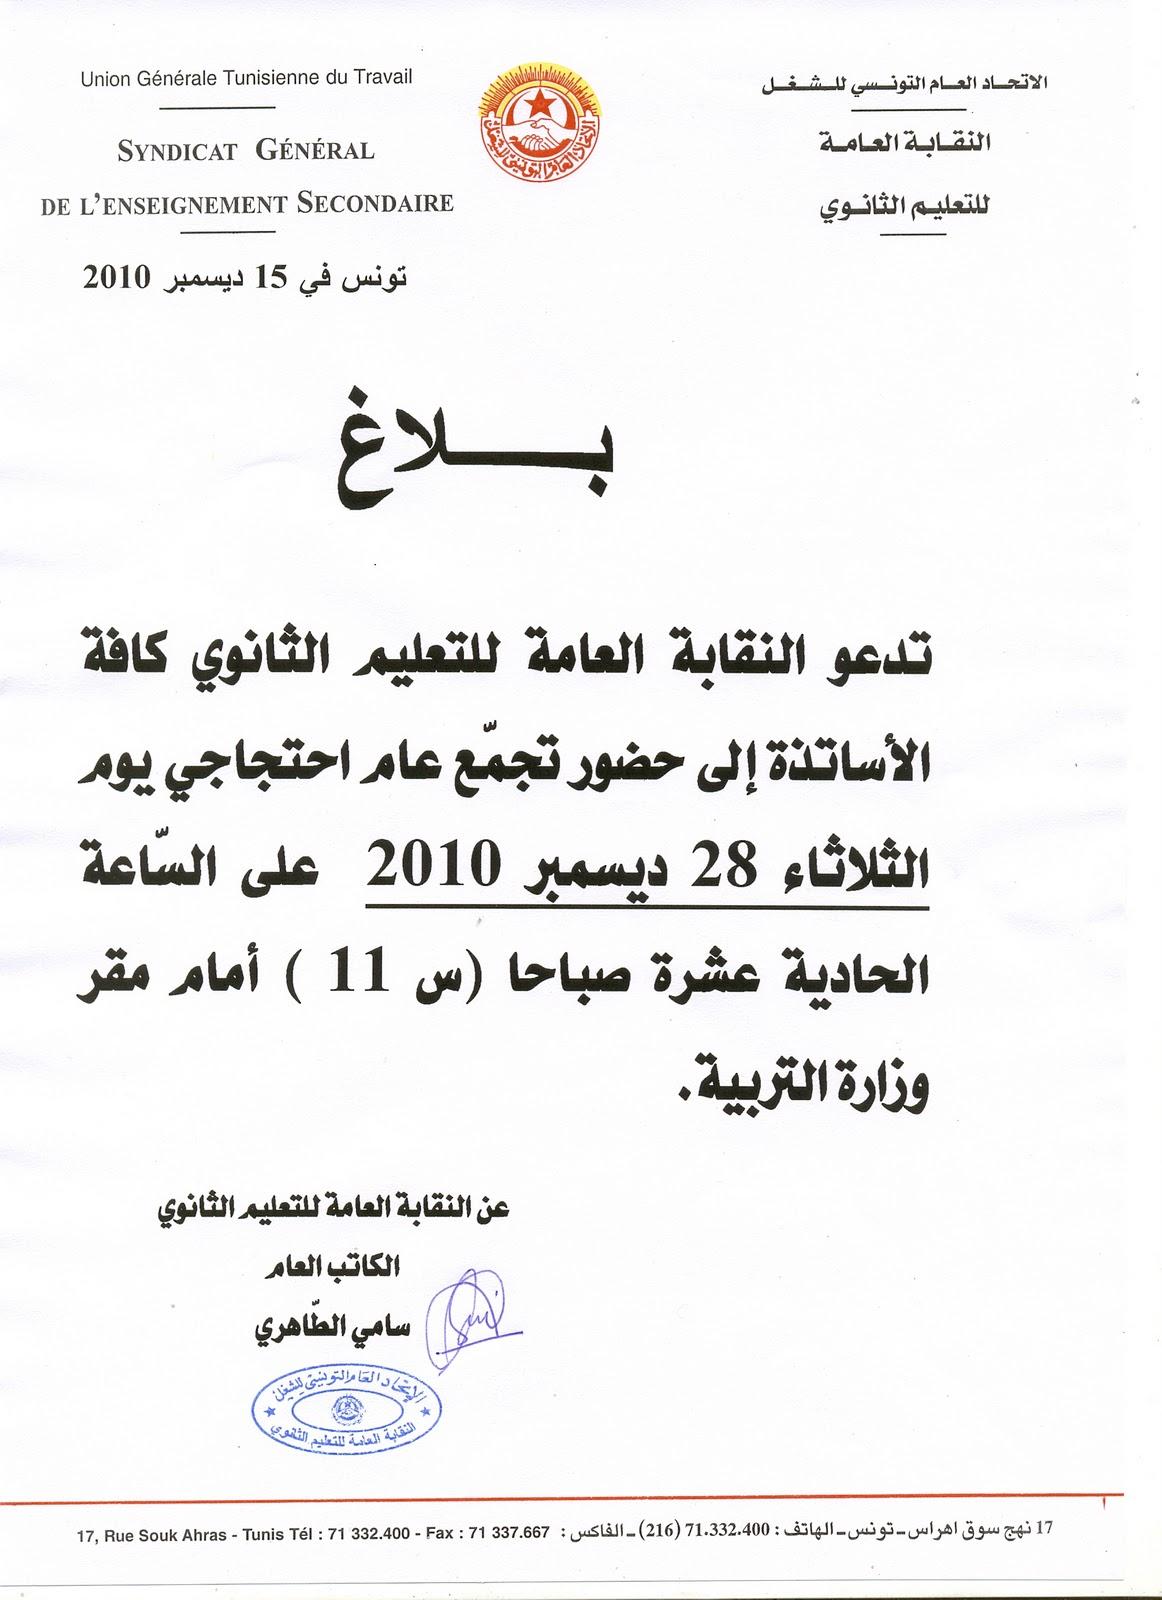 النقابة الجهوية التعليم الثانوي بسليانة تجمع عام احتجاجي أمام مقر